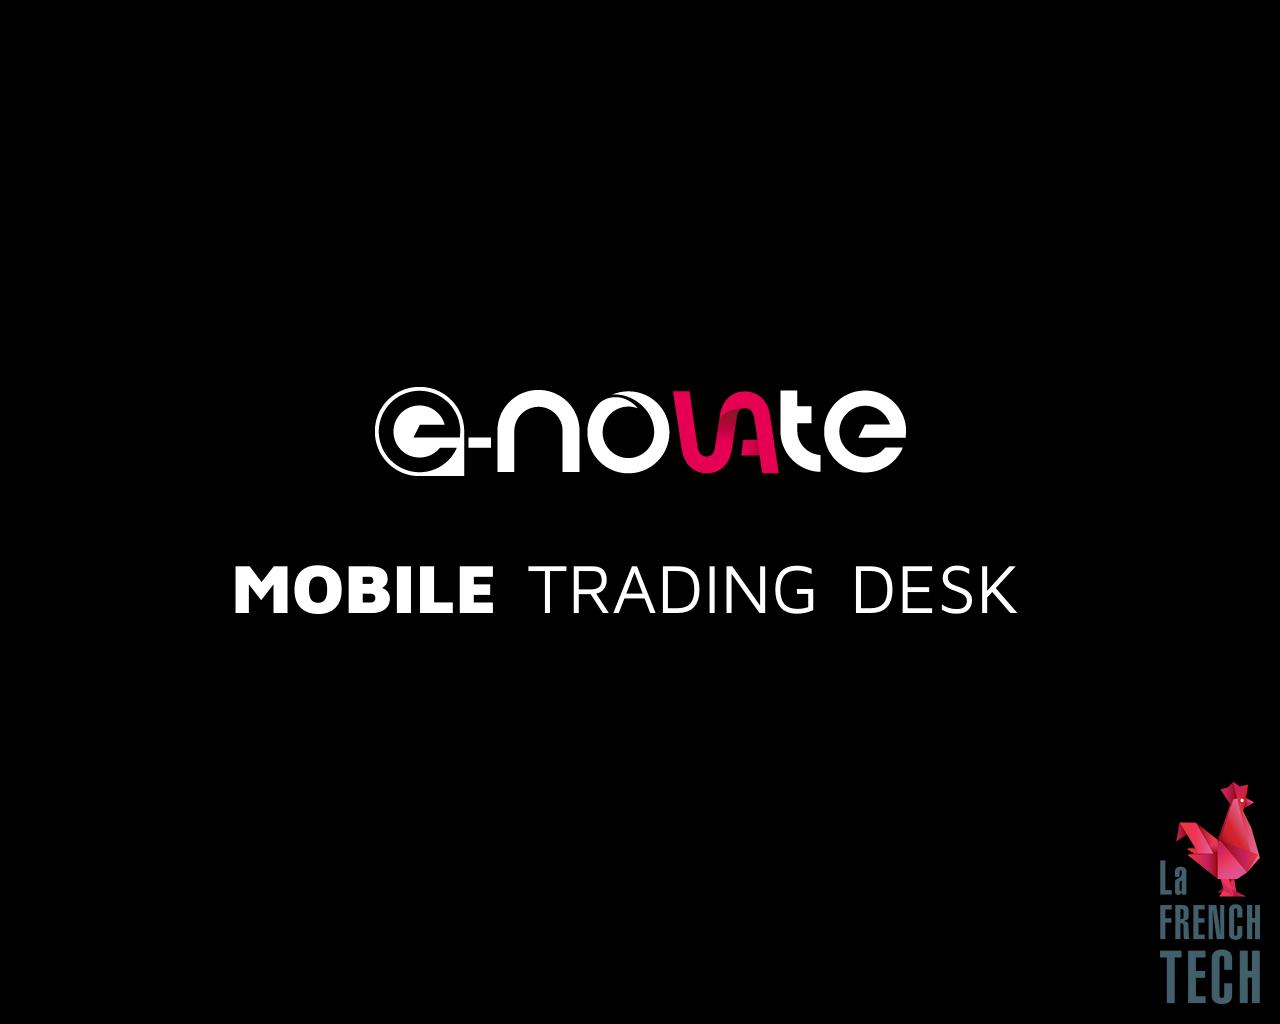 E-novate-Advertising-Reviews-Pricing